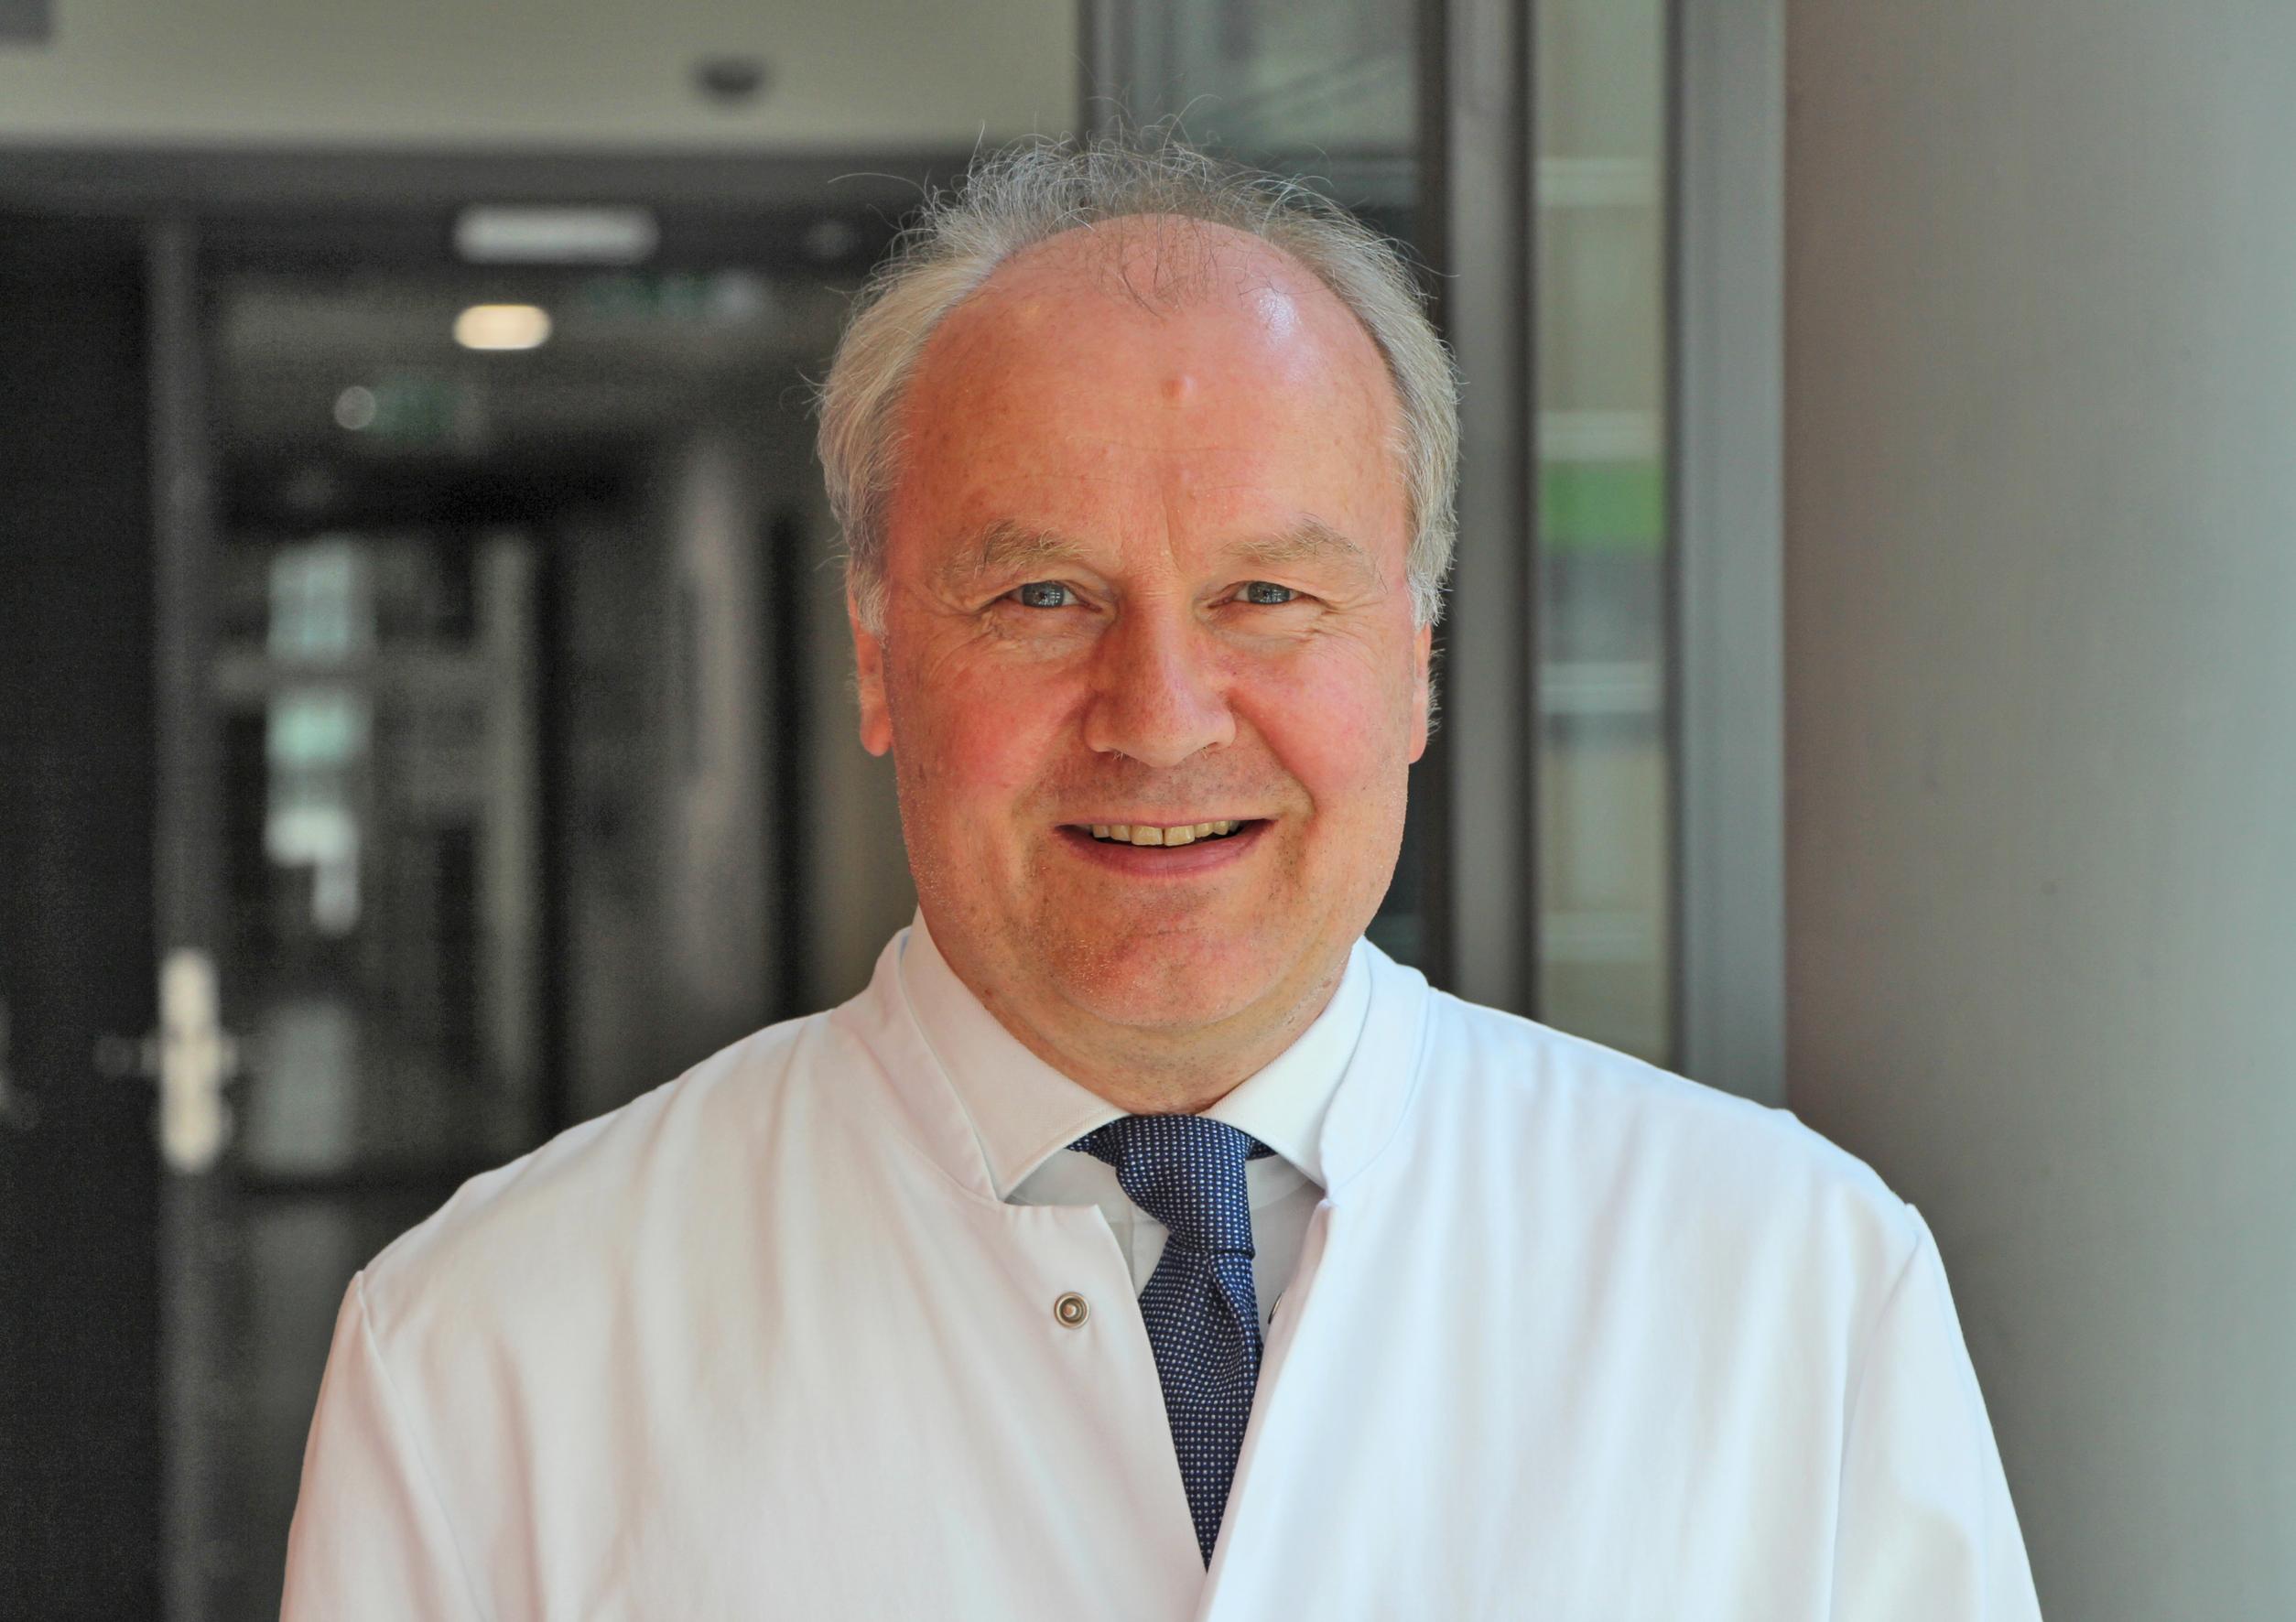 Sektionsleiter Dr. Joachim Aspacher